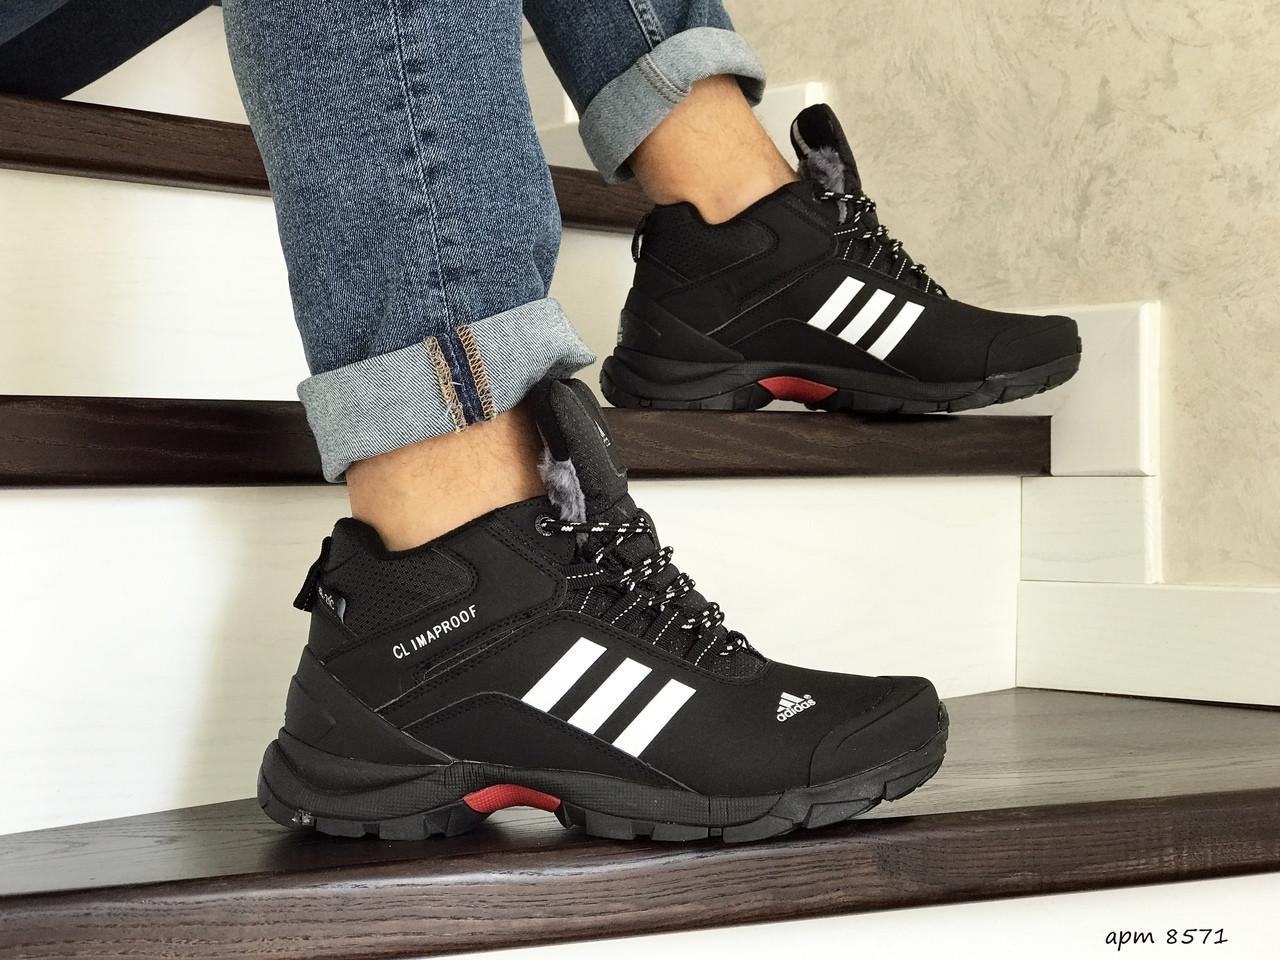 Мужские кроссовки адидас черные с белым кожаные нубук зима (реплика) Adidas Climaproof Black Winter